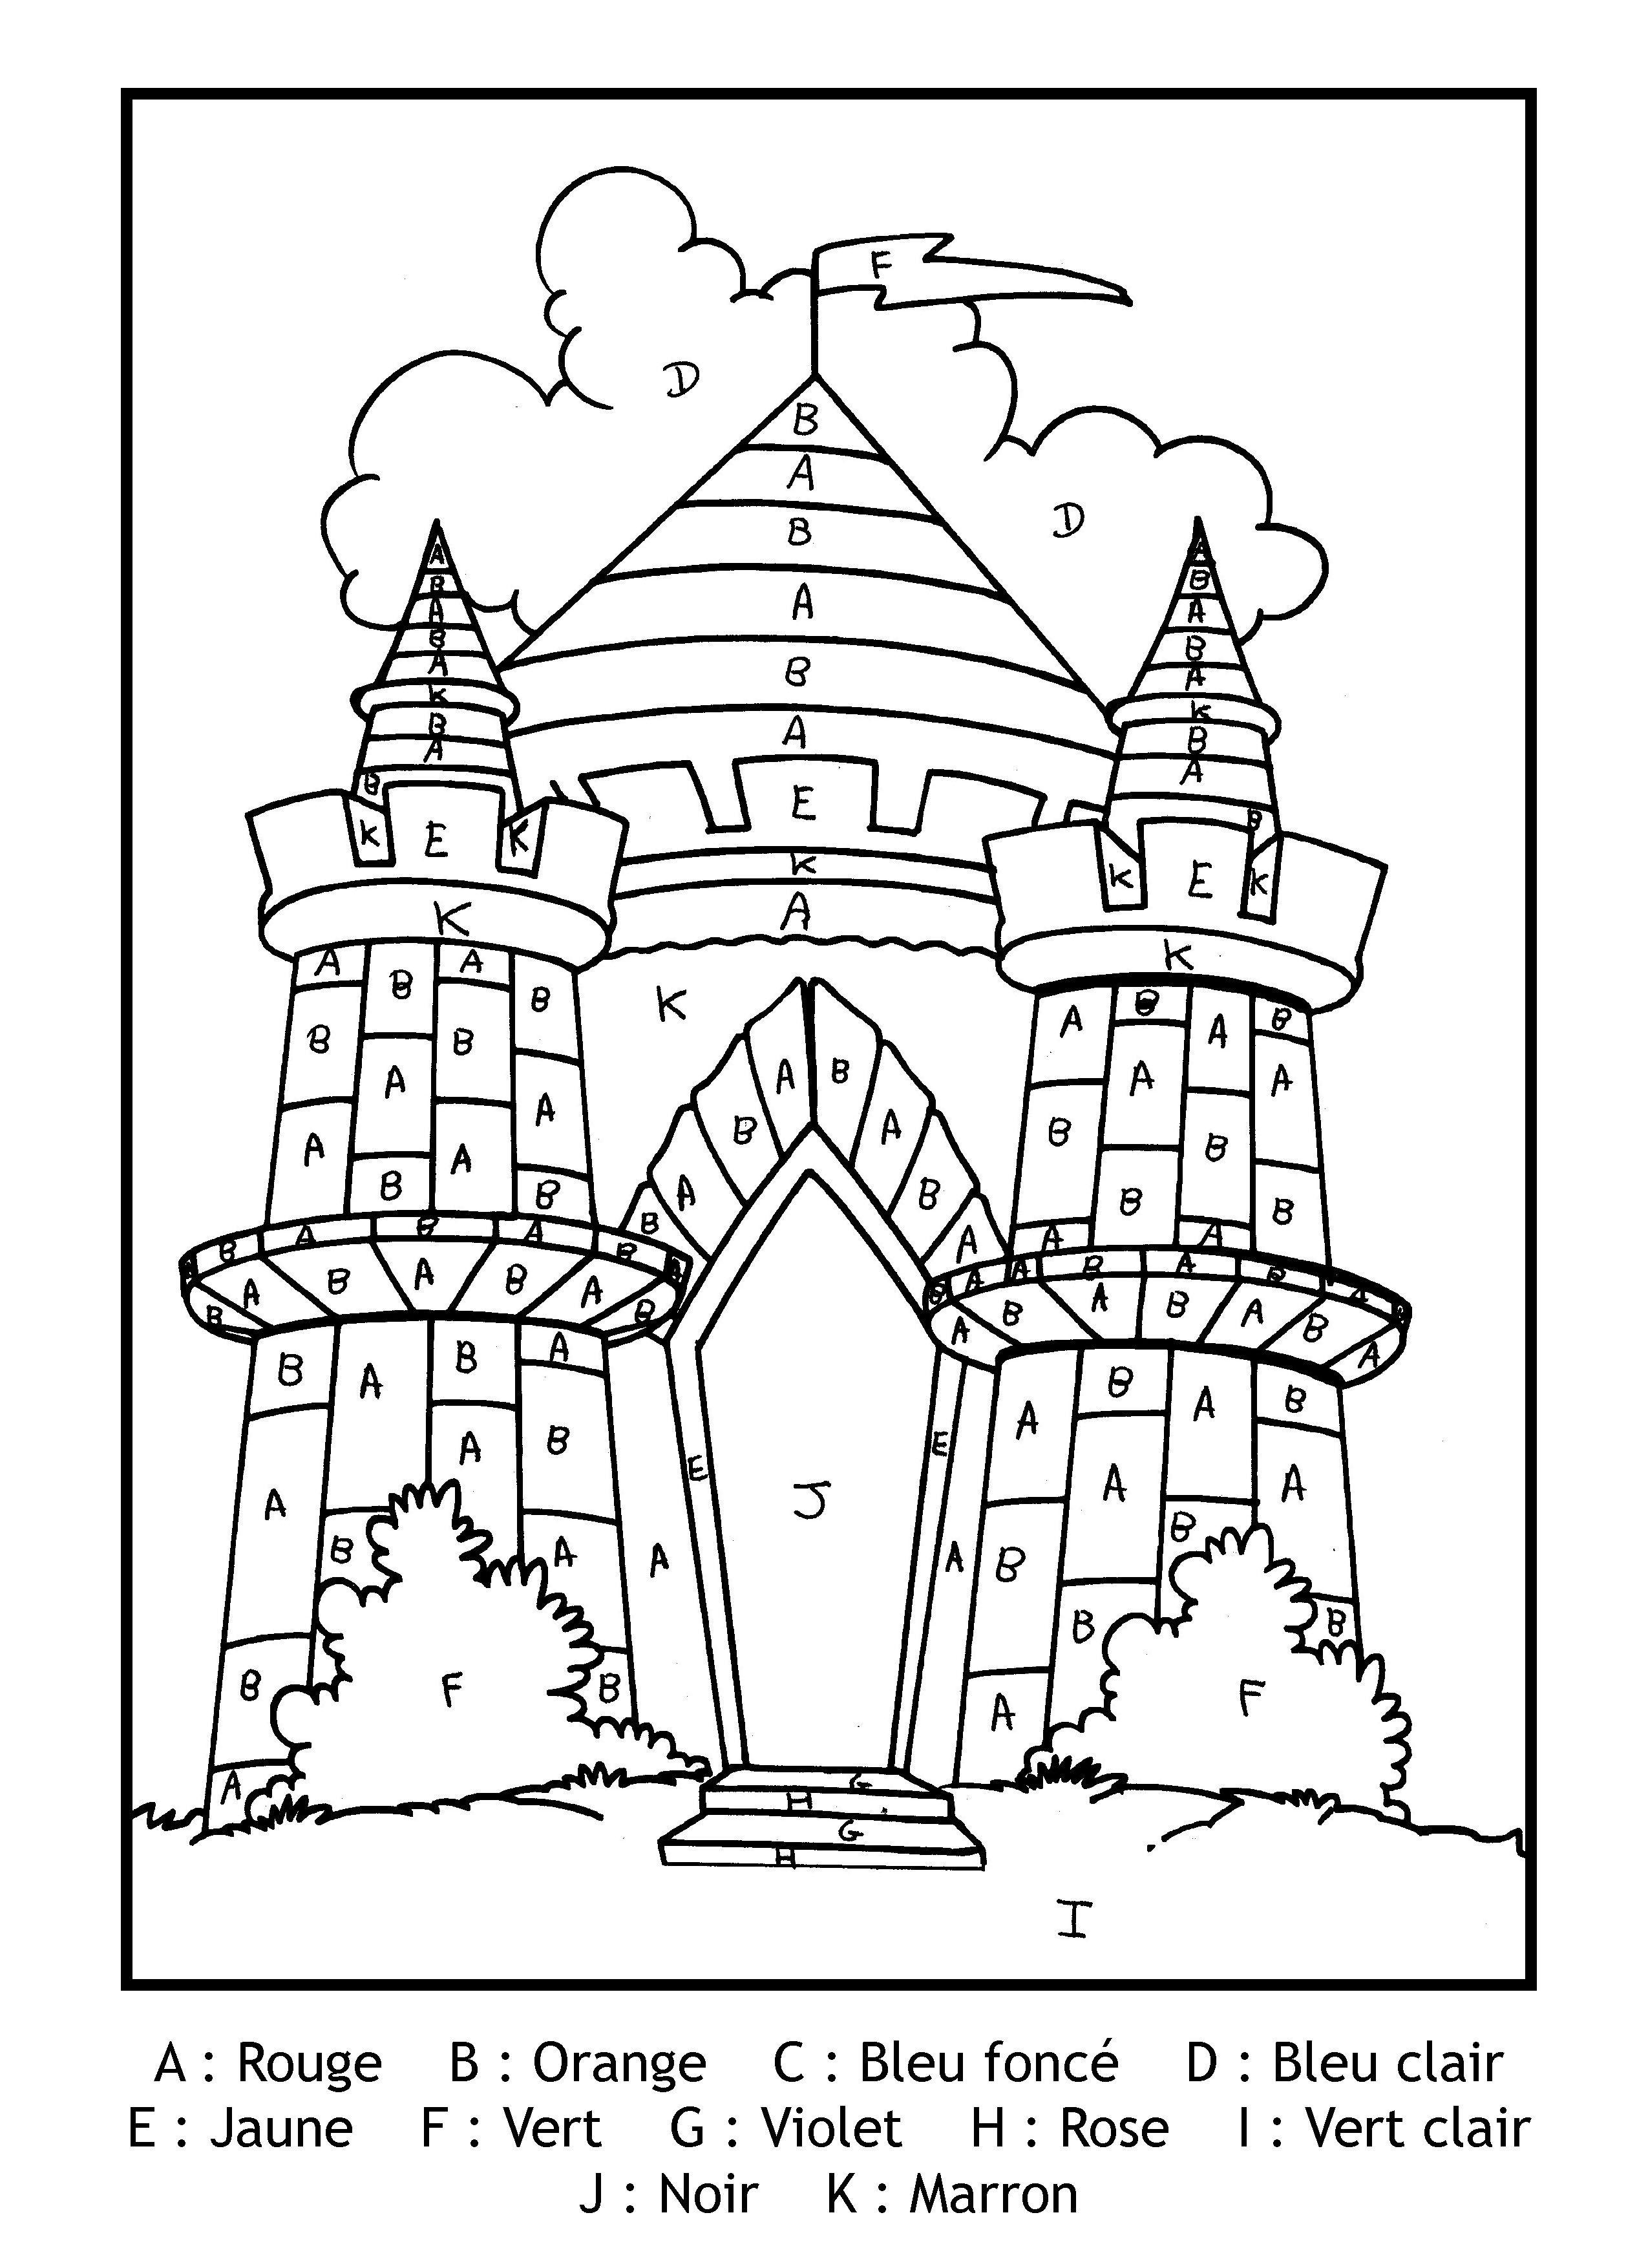 Magique Lettres Chateau - Lettres | Coloriage Magique intérieur Coloriage Magique Gs